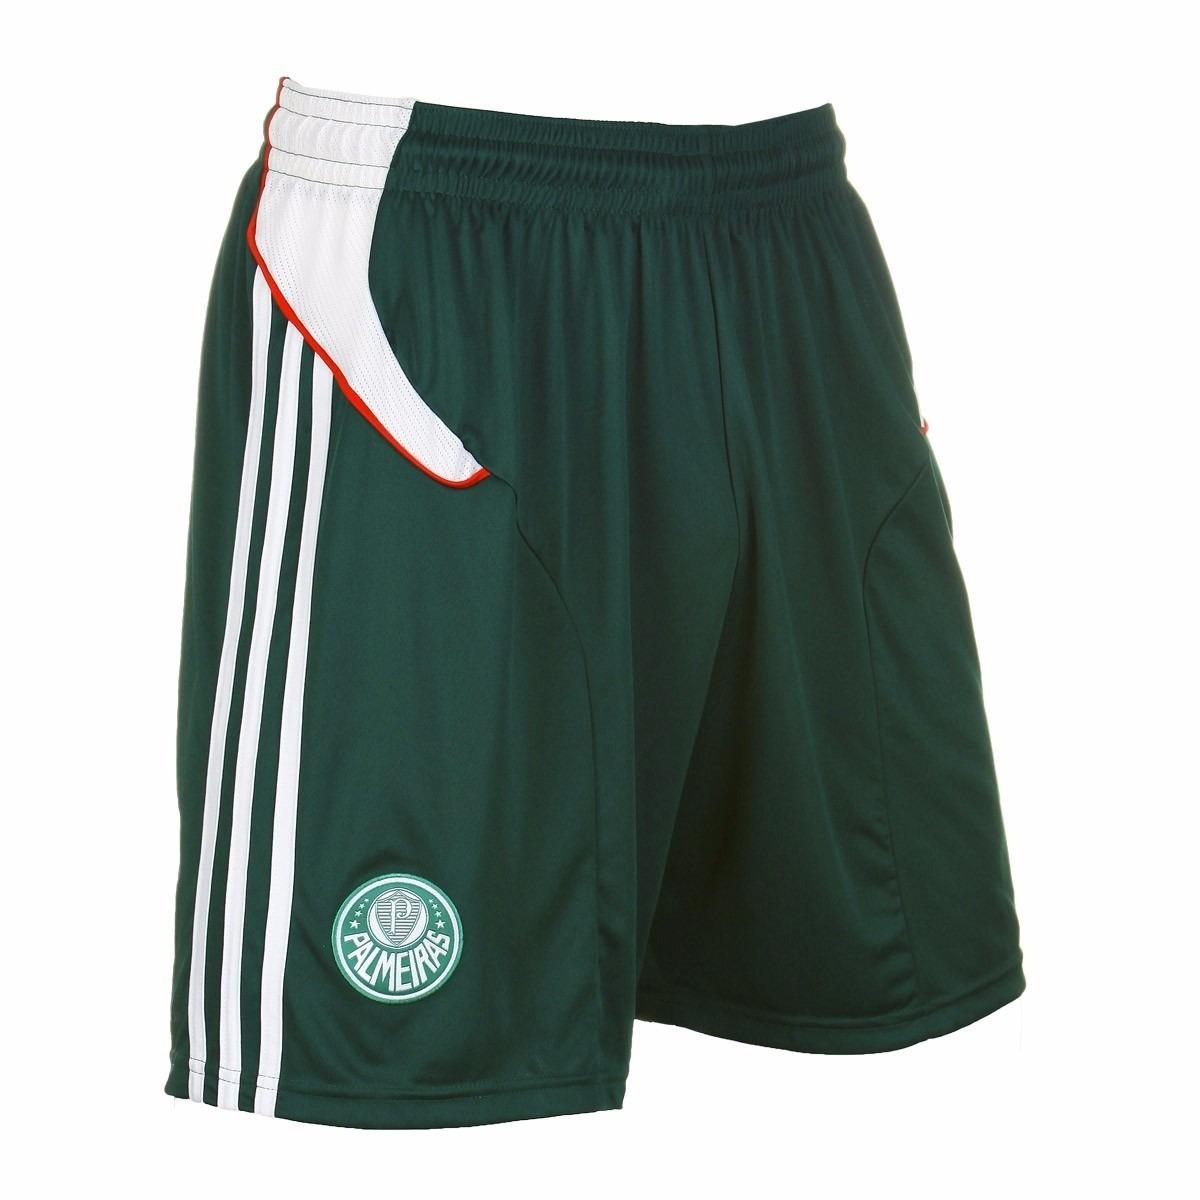 ad1c6b2fa6 shorts tam 12a calção adidas palmeiras infantil novo 1magnus. Carregando  zoom.